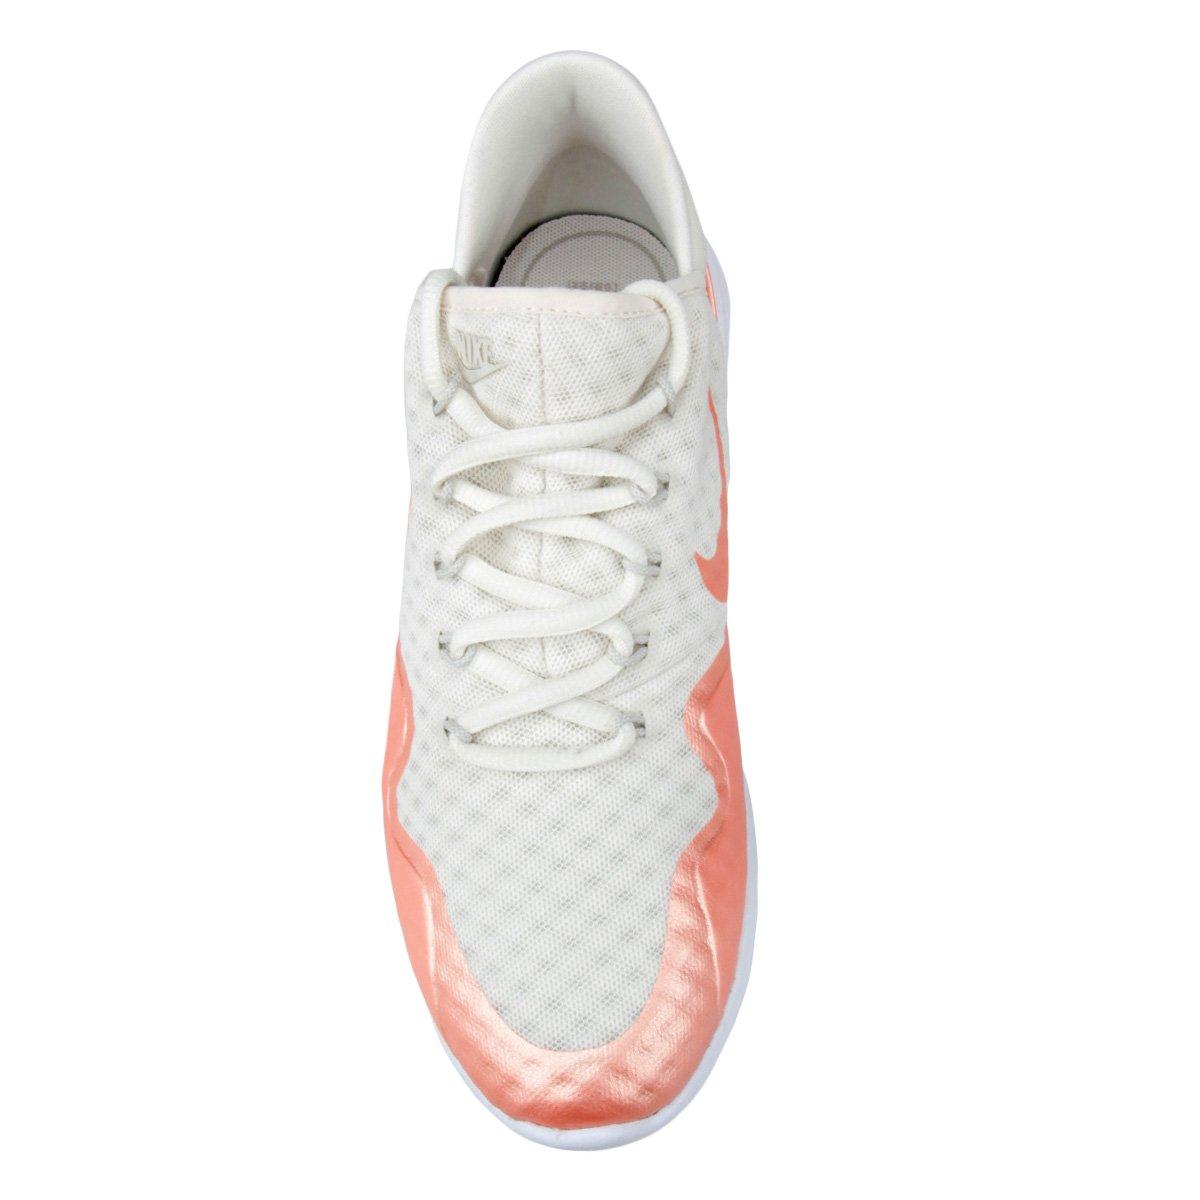 Tênis Nike Air Max Sasha Feminino - Off White - Compre Agora   Shop ... 180a977e16